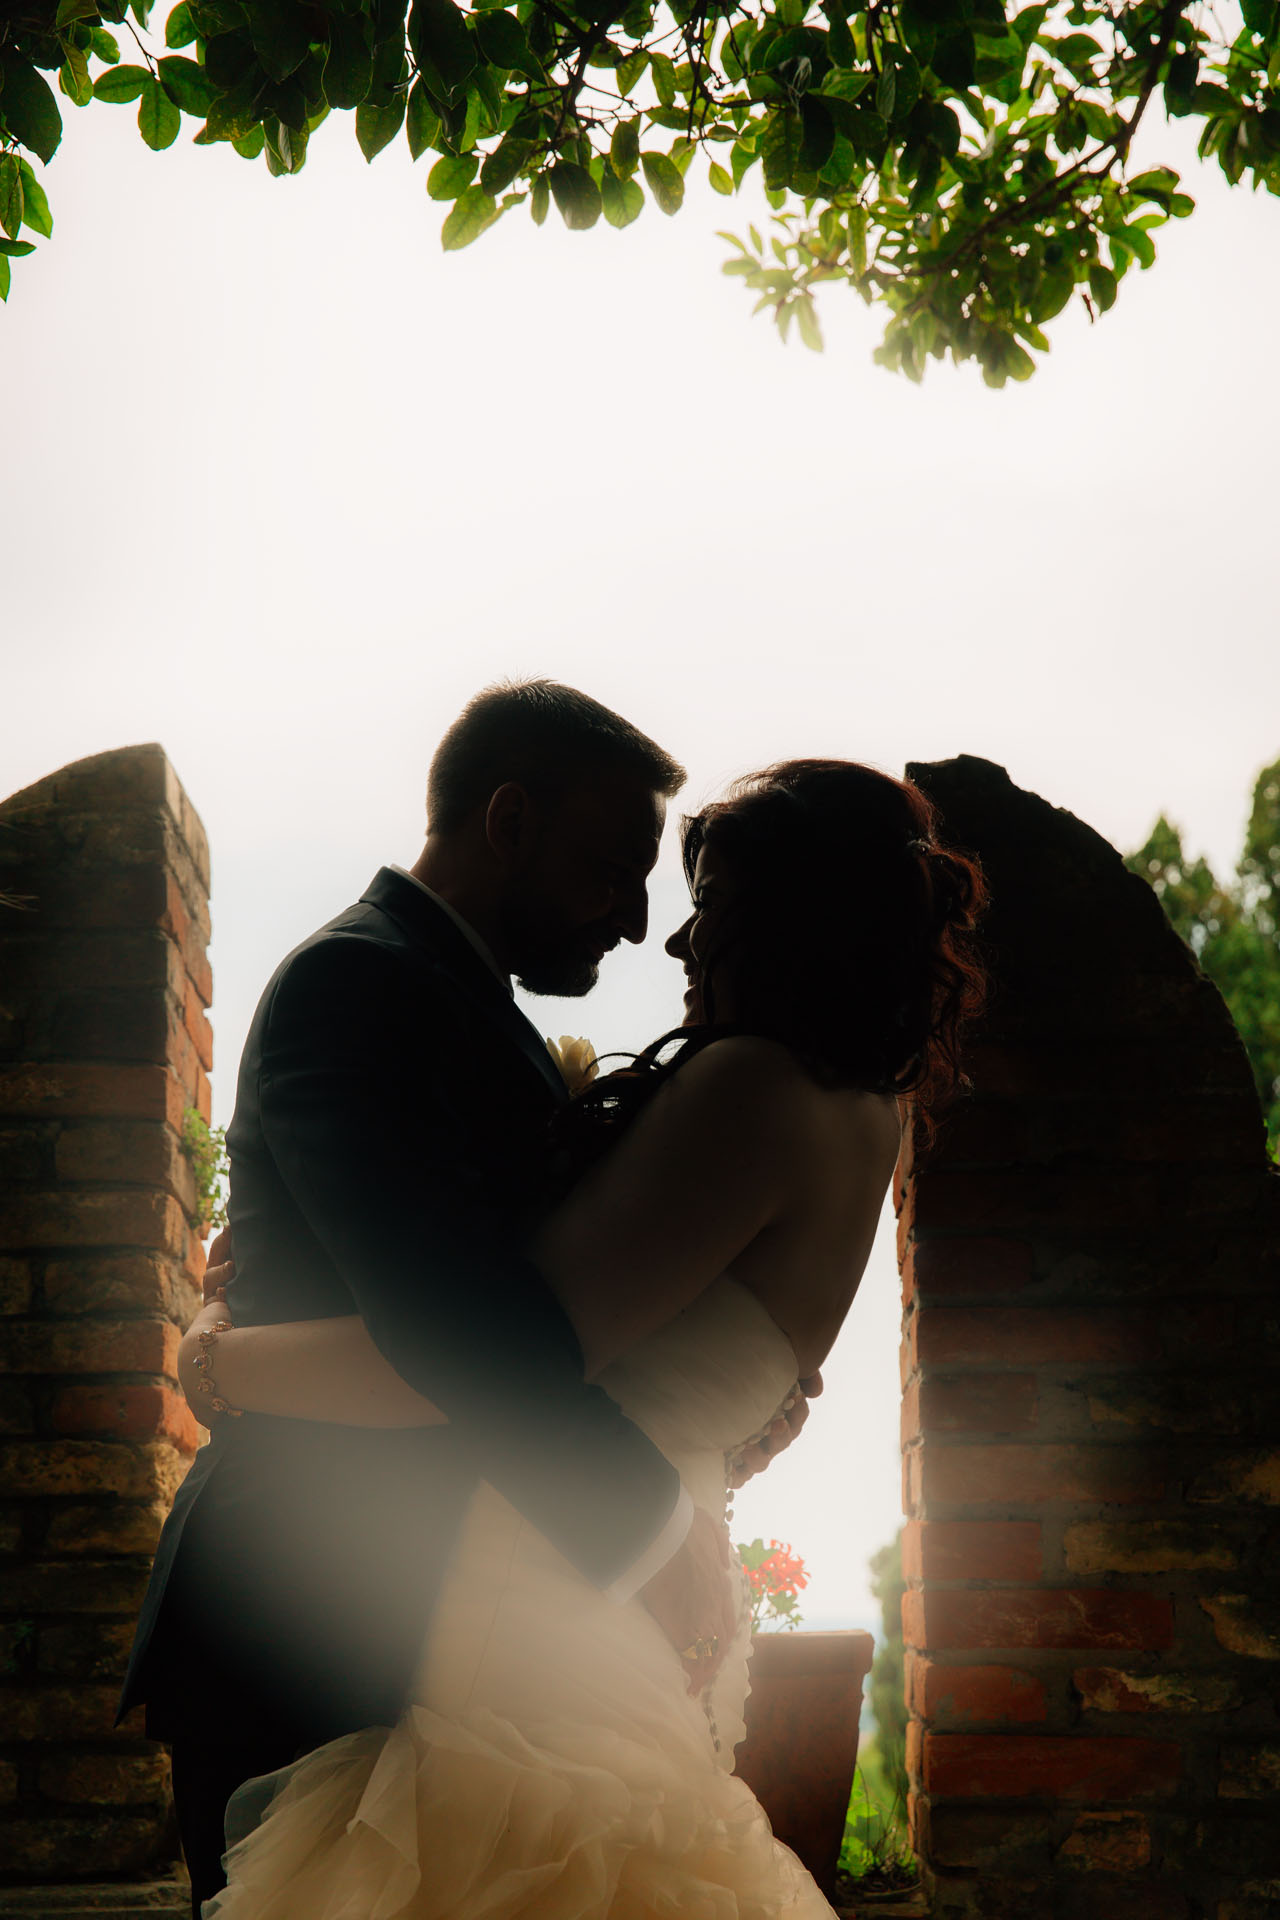 Jessica-Jason-Nel-Sole-Weddingdestination-Storytelling-Renato-Zanette-Fotografo-Convento-San-Francesco-Conegliano-Treviso-Veneto